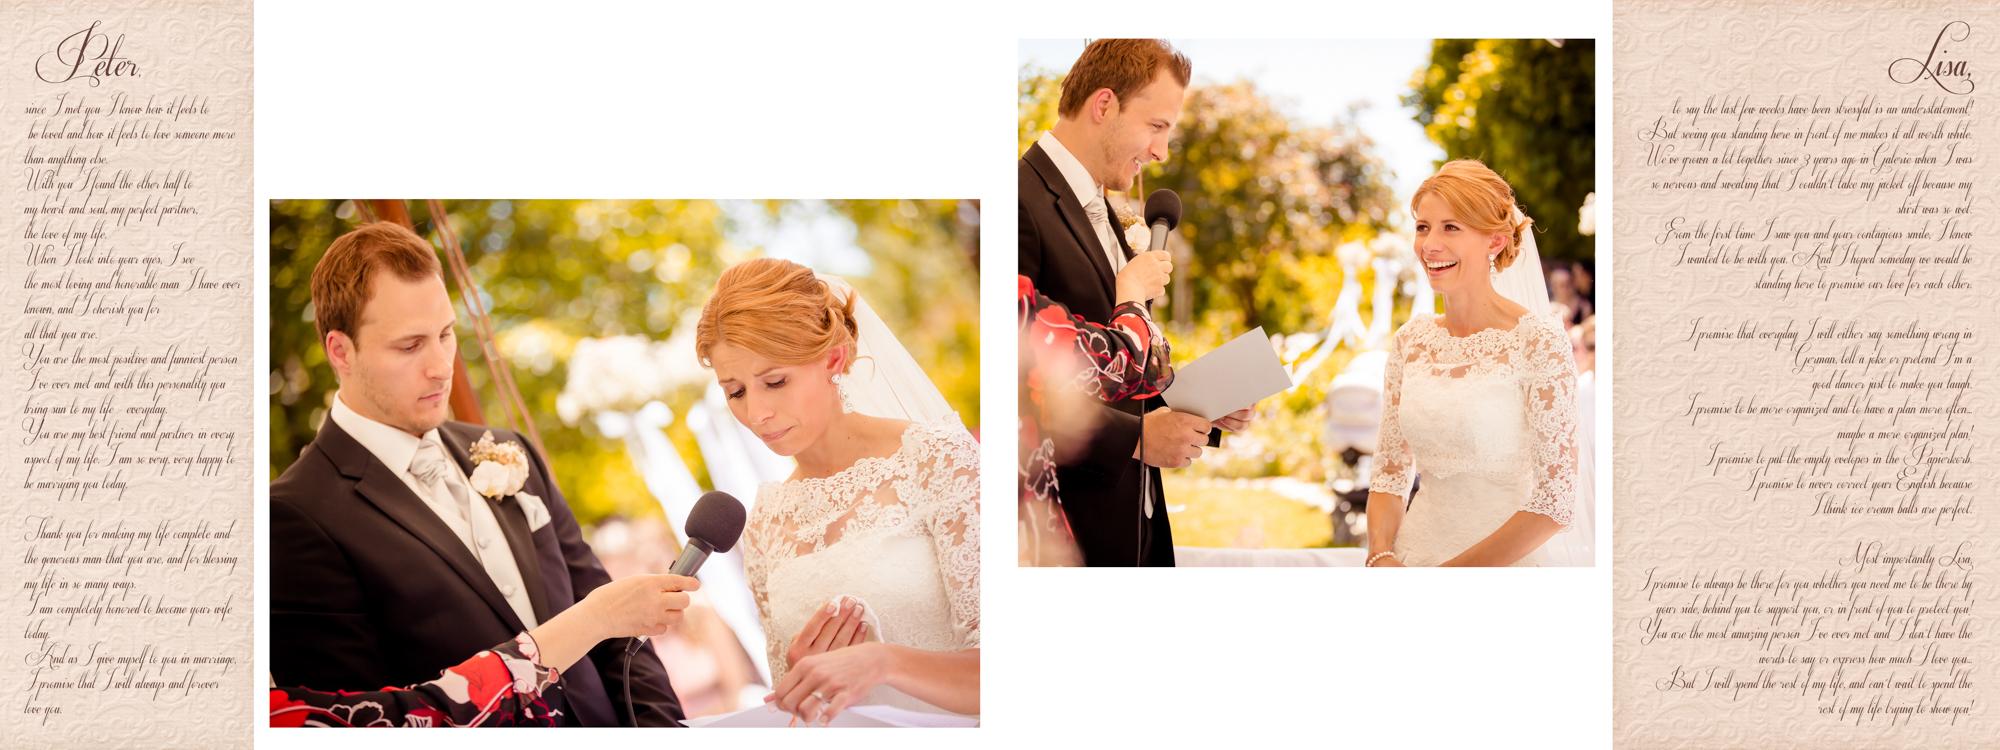 Hochzeitsbuch Lisa & Peter Seite 13